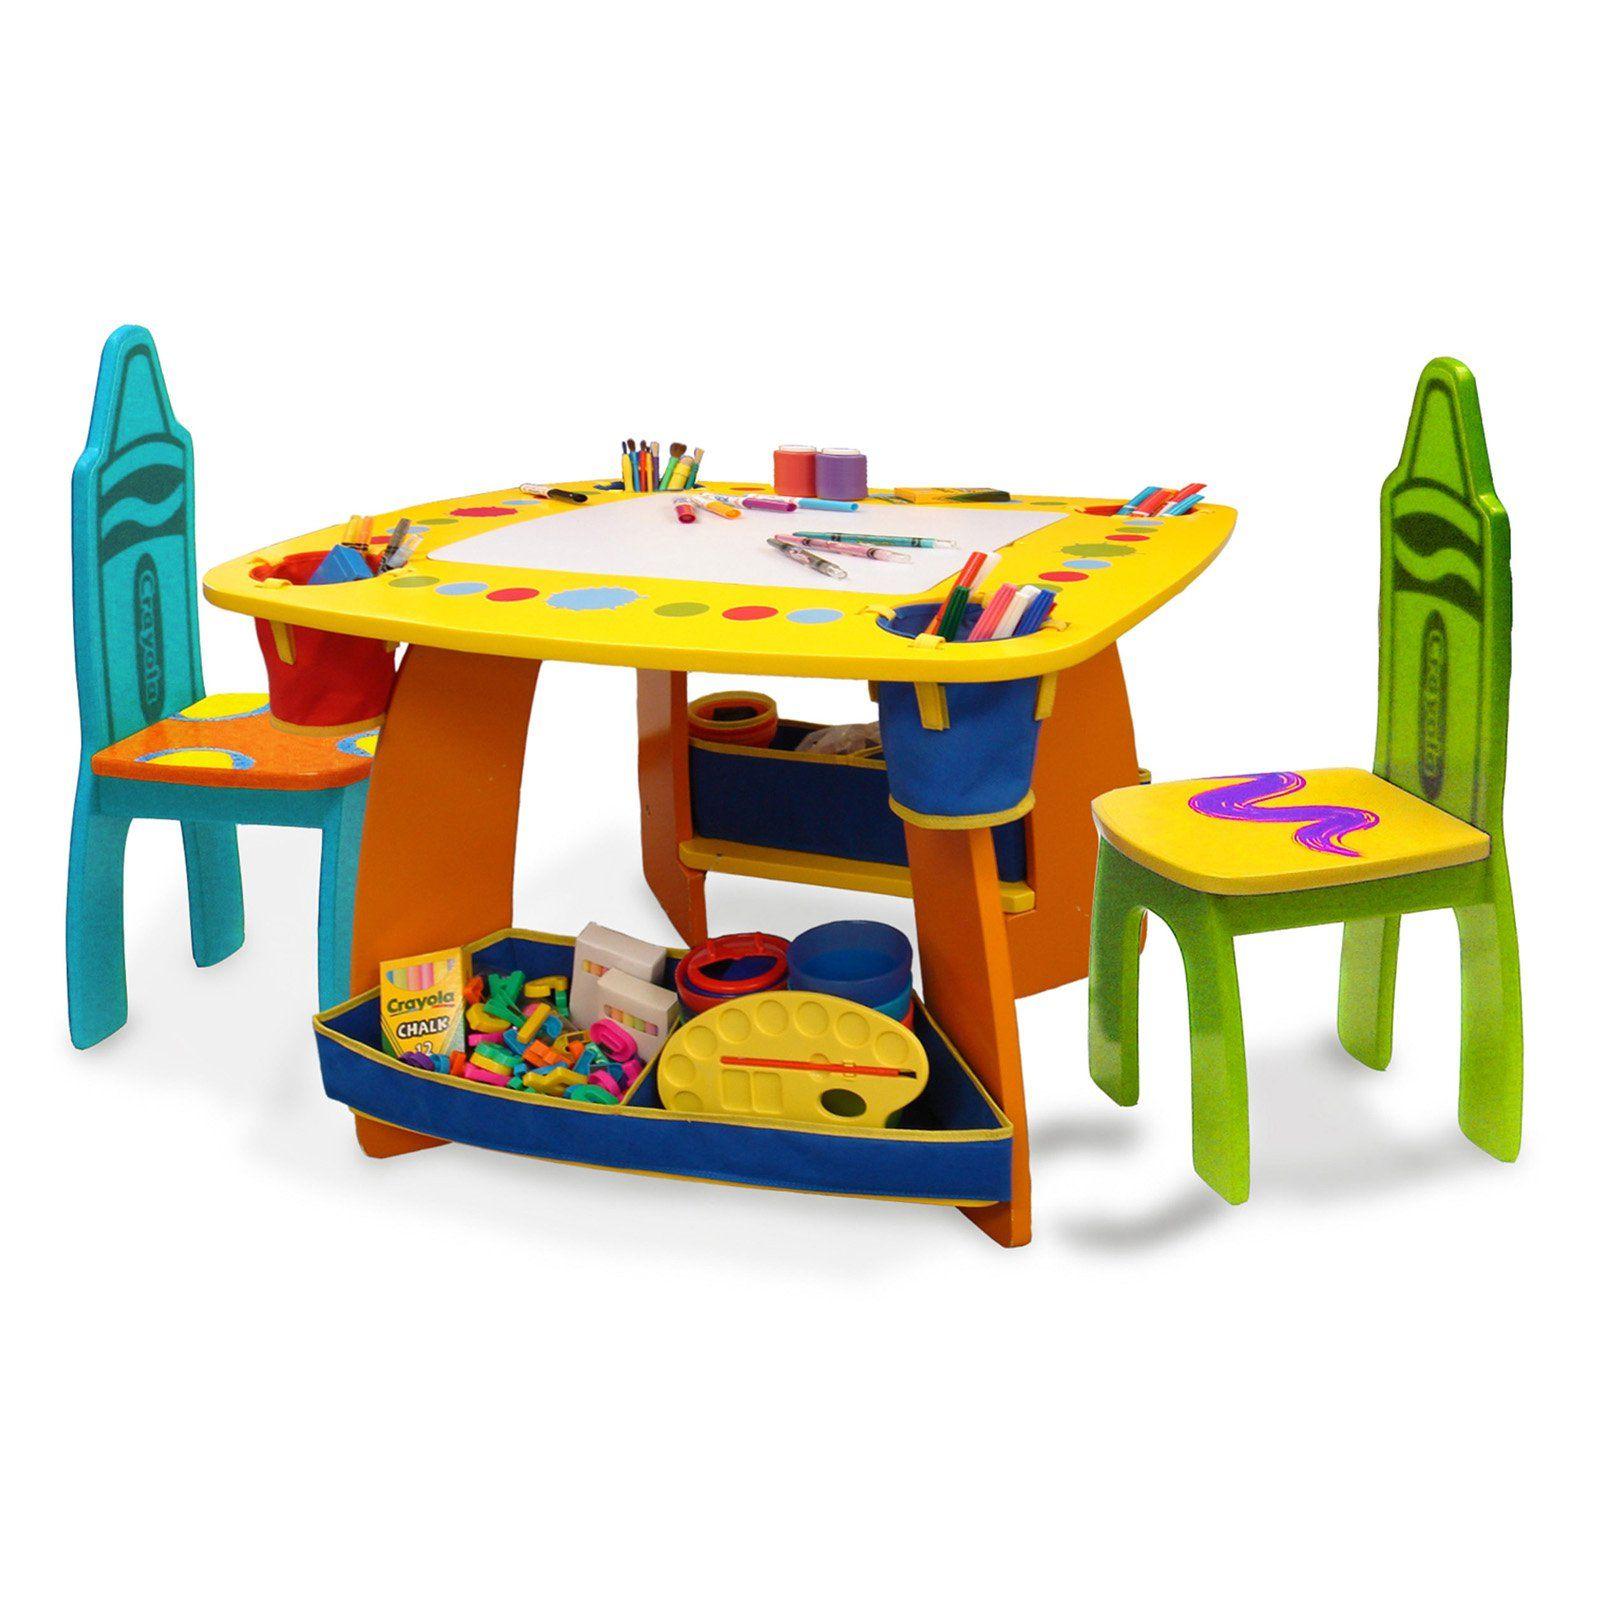 kinder tisch und stuhl st hle st hle kinder tisch und st hle und kleinkind tisch und st hle. Black Bedroom Furniture Sets. Home Design Ideas